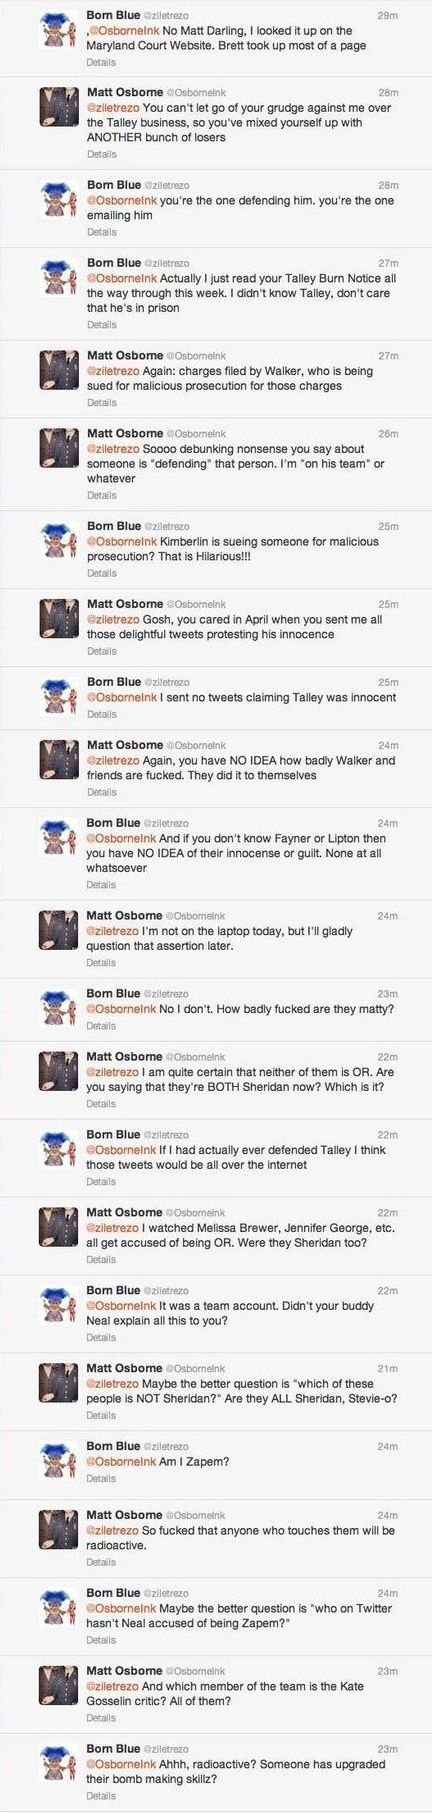 A Conversation with OsborneInk, Matt Osborne September 13th, 2013 Sf512